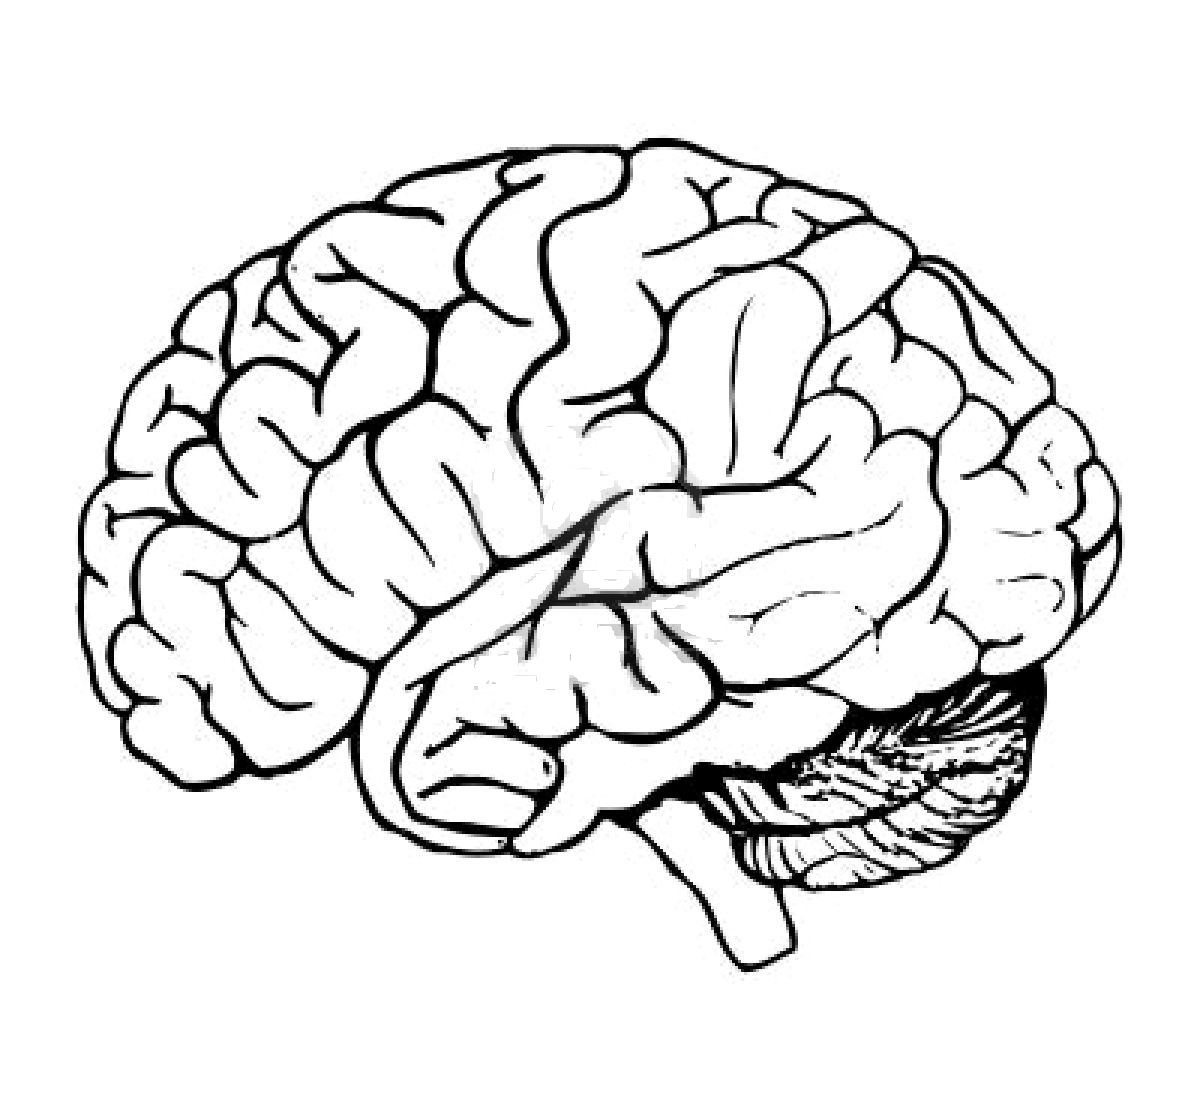 Lujo Páginas Para Colorear Del Cerebro Imagen - Dibujos Para ...